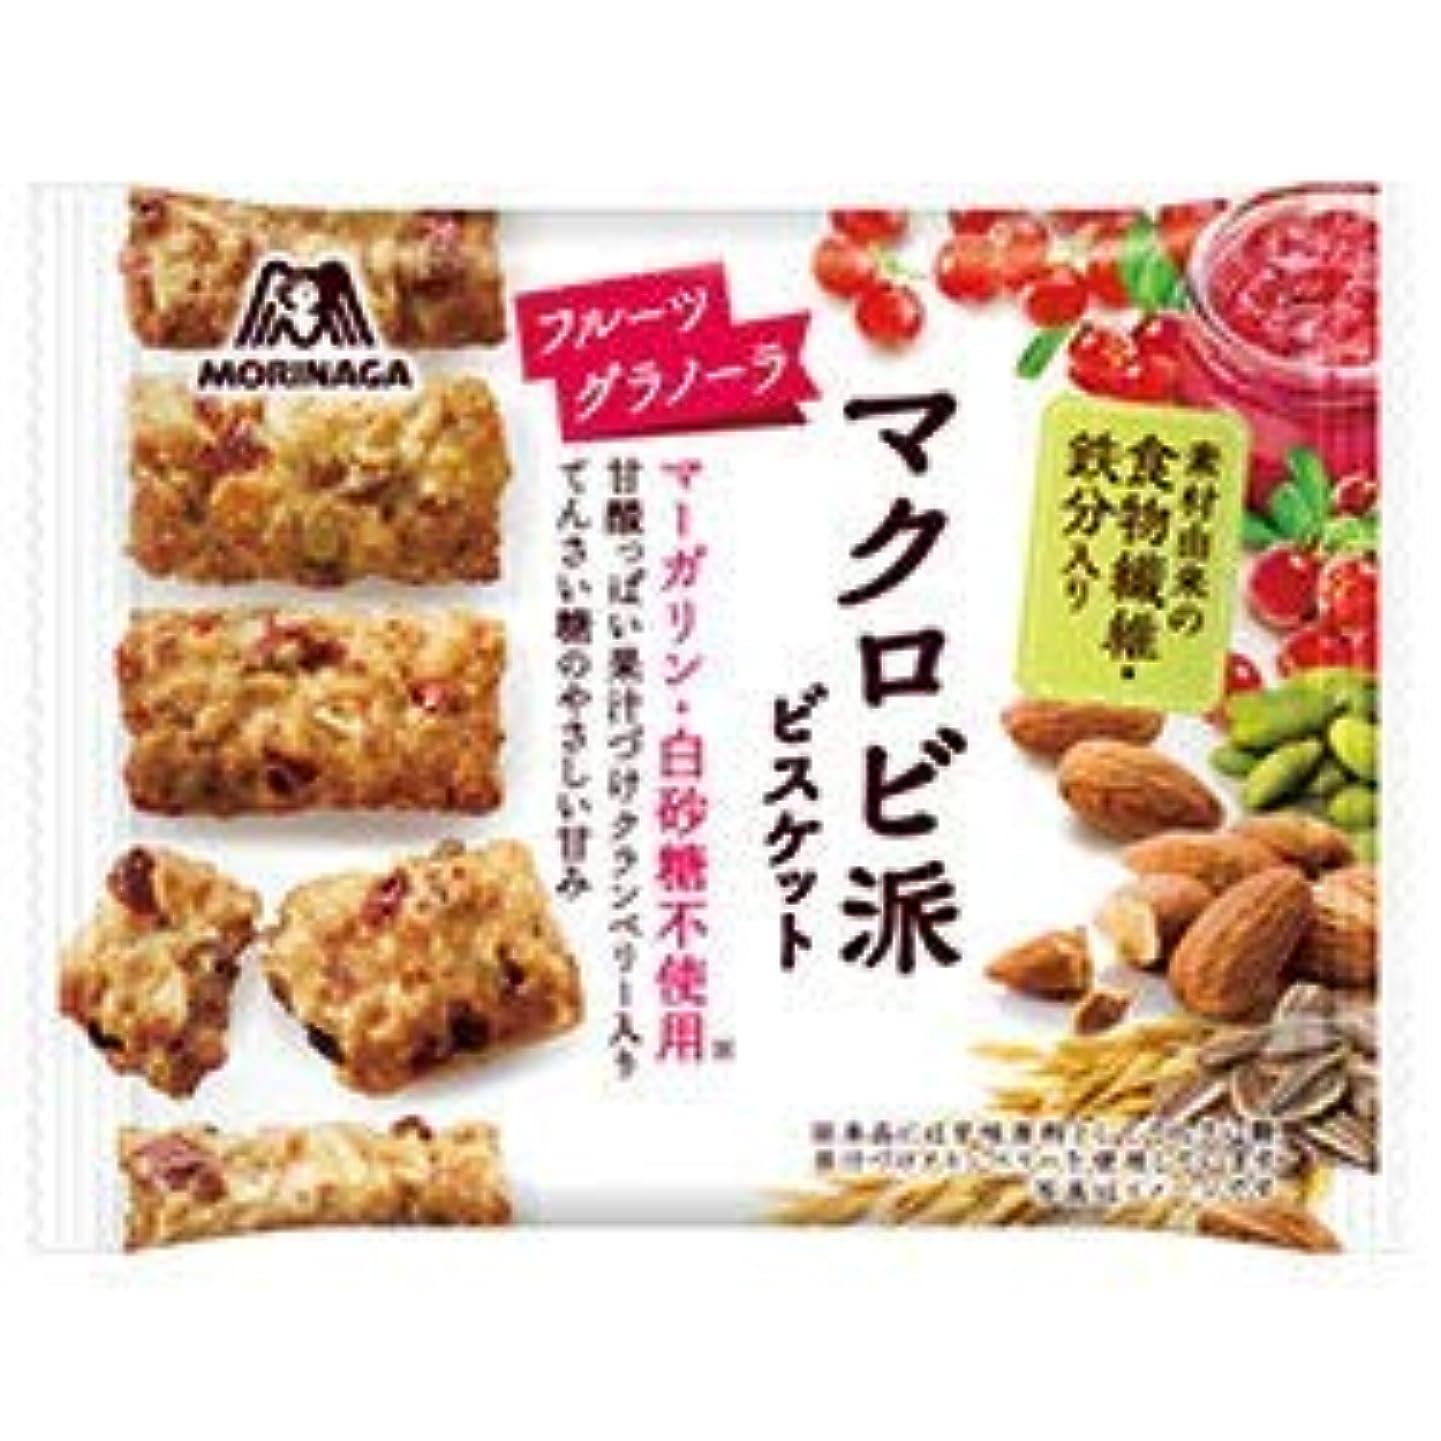 整理する版寛大さ森永製菓 マクロビ派ビスケット フルーツグラノーラ 48個セット